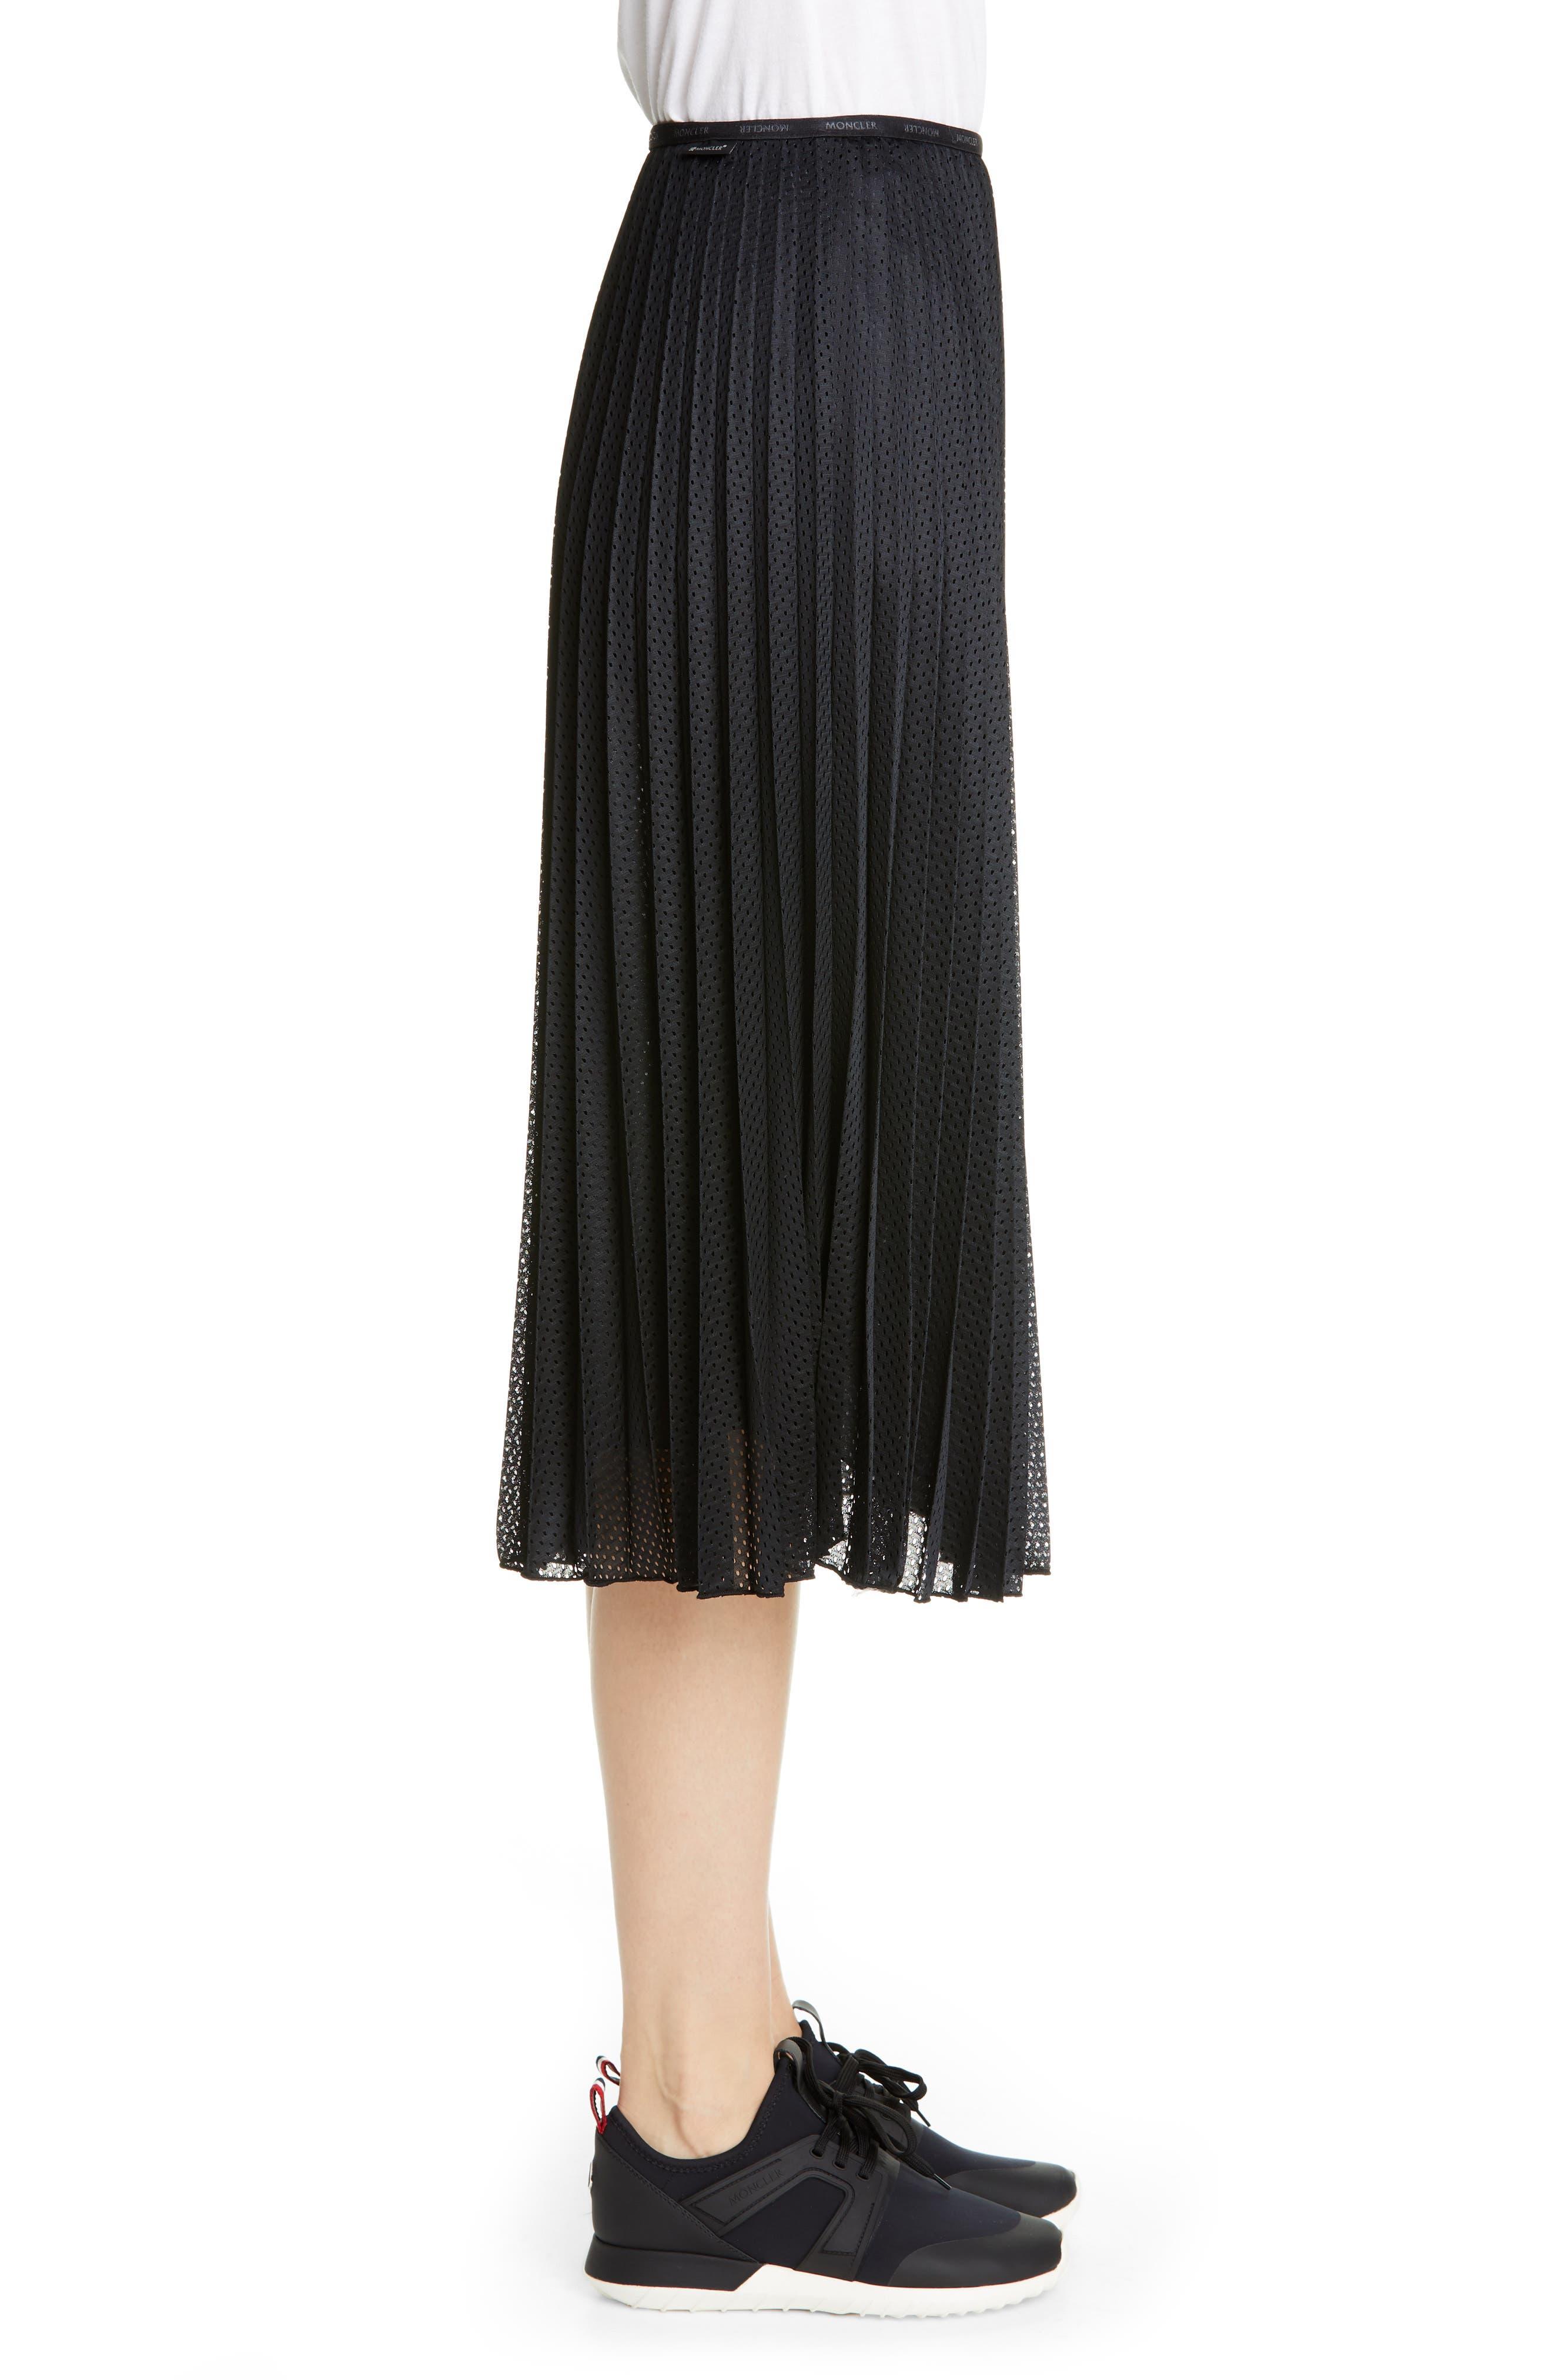 MONCLER, Pleated Mesh Skirt, Alternate thumbnail 3, color, 001